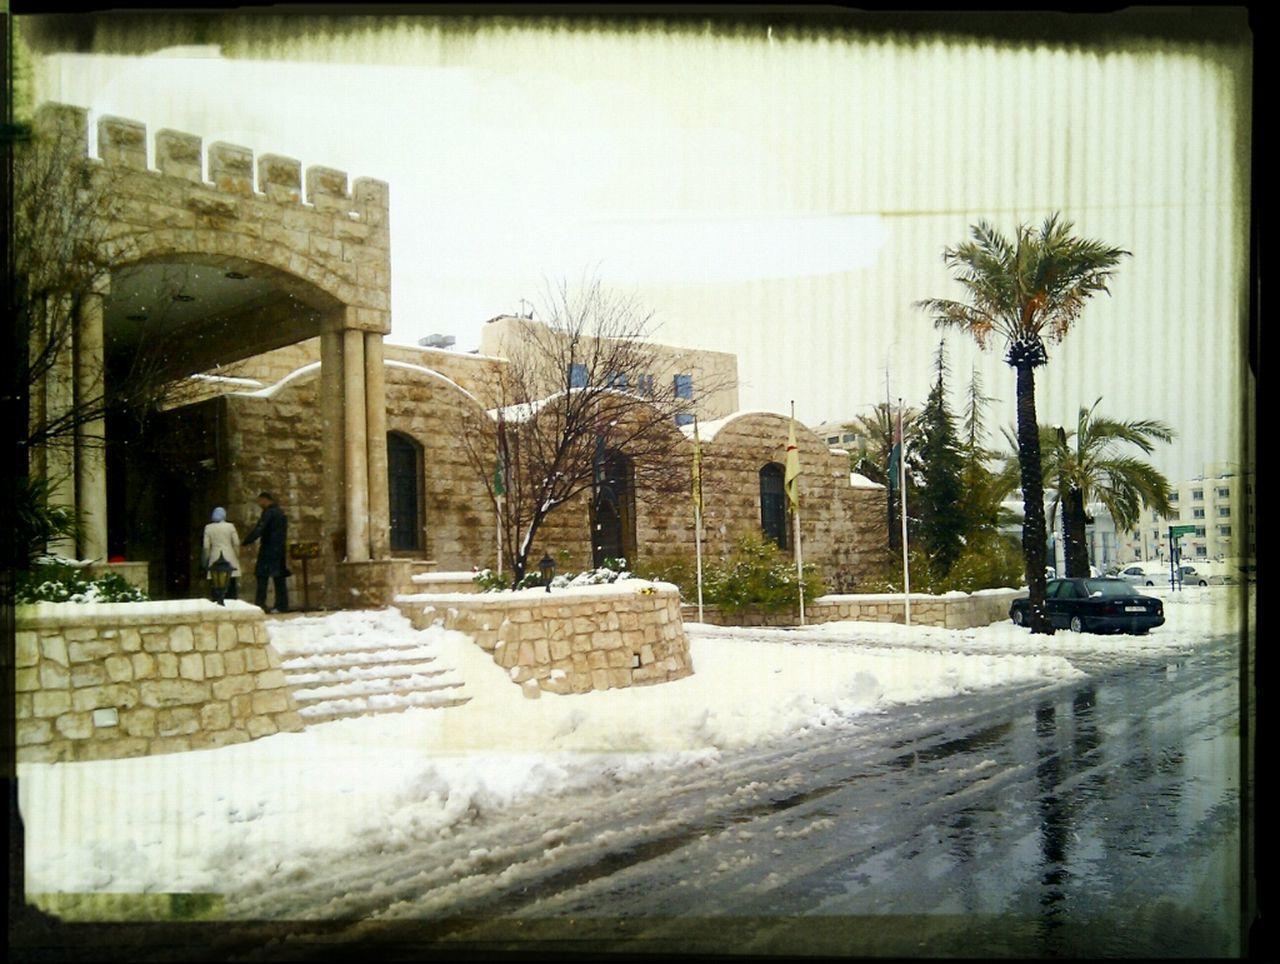 Snow In Jordan